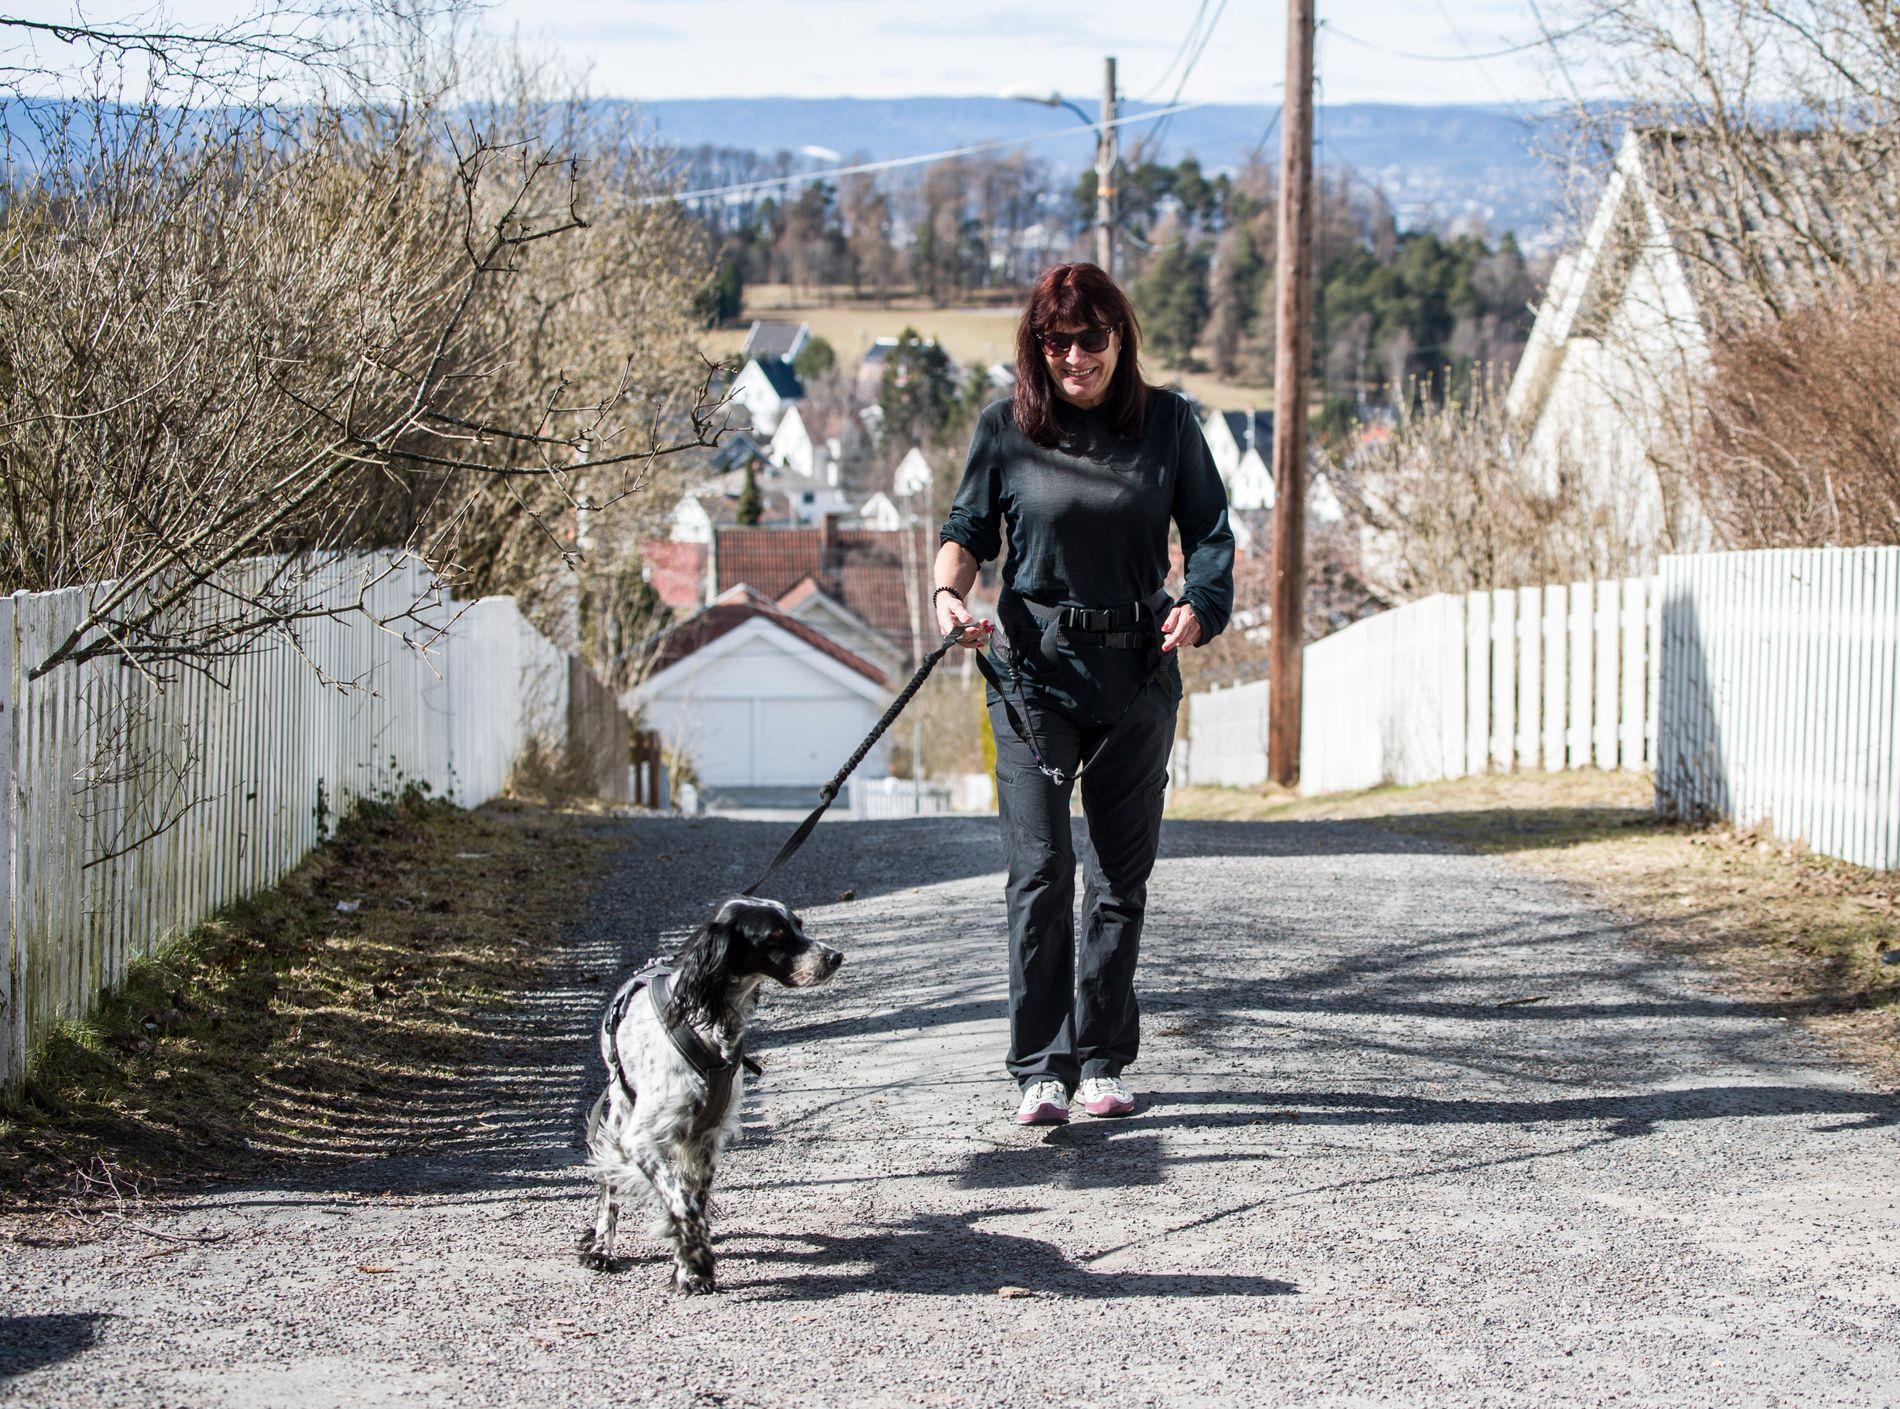 GOLSFJELLET: Karin Larsen (57) reiser lørdag til Golsfjellet sammen med samboeren og hunden Happy. Men de siste dagene i påsken skal de være hjemme på Godlia i Oslo. FOTO: TORE KRISTIANSEN, VG